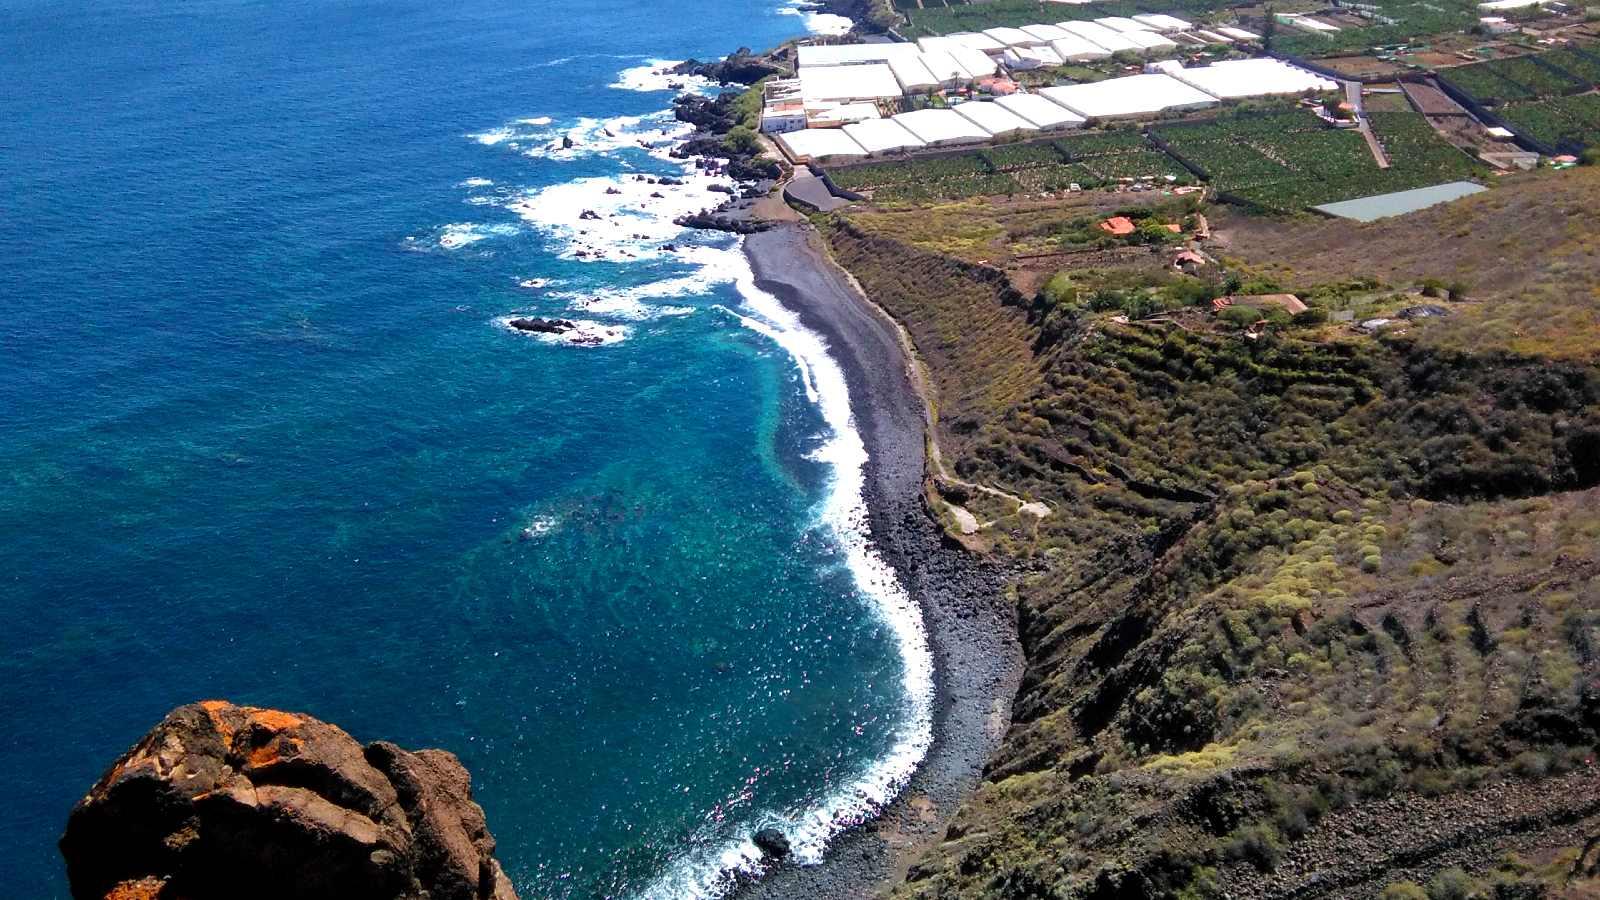 Vistas a la costa de Buenavista del Norte desde el Mirador de Punta del Fraile